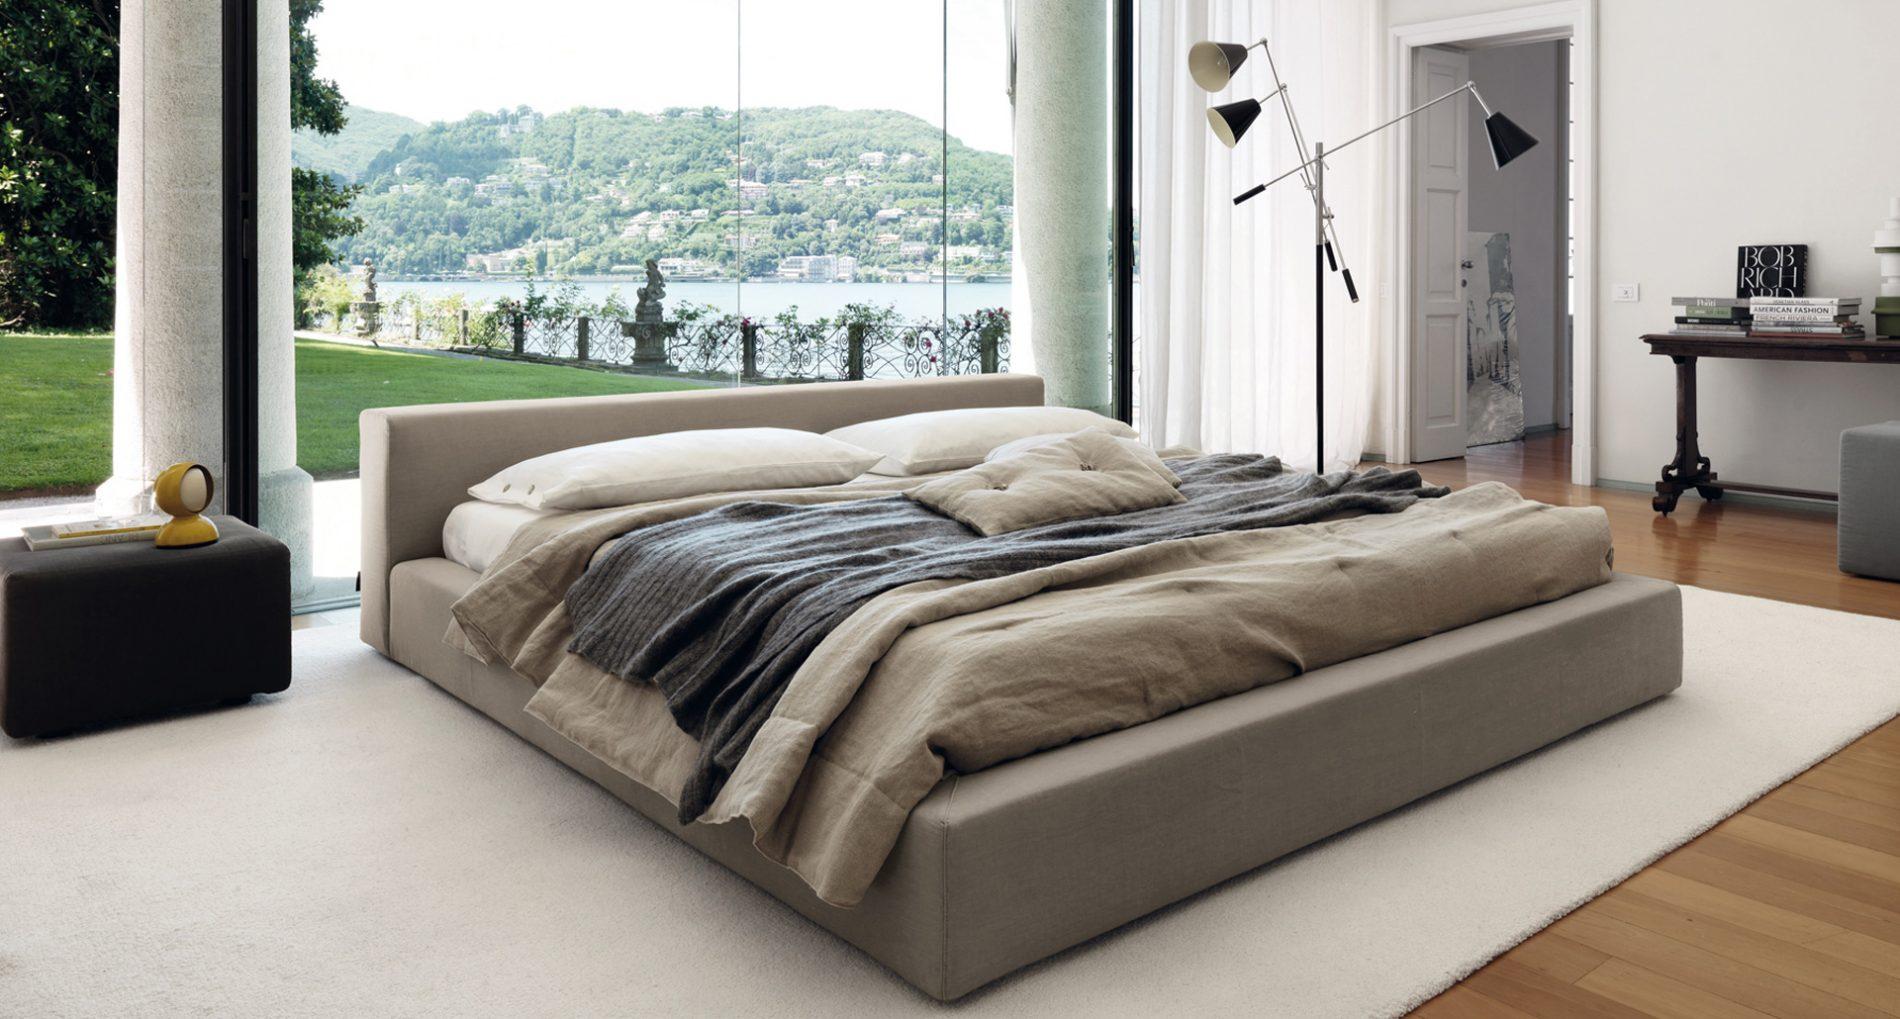 ארנה מעצבים - חדר שינה מעוצב